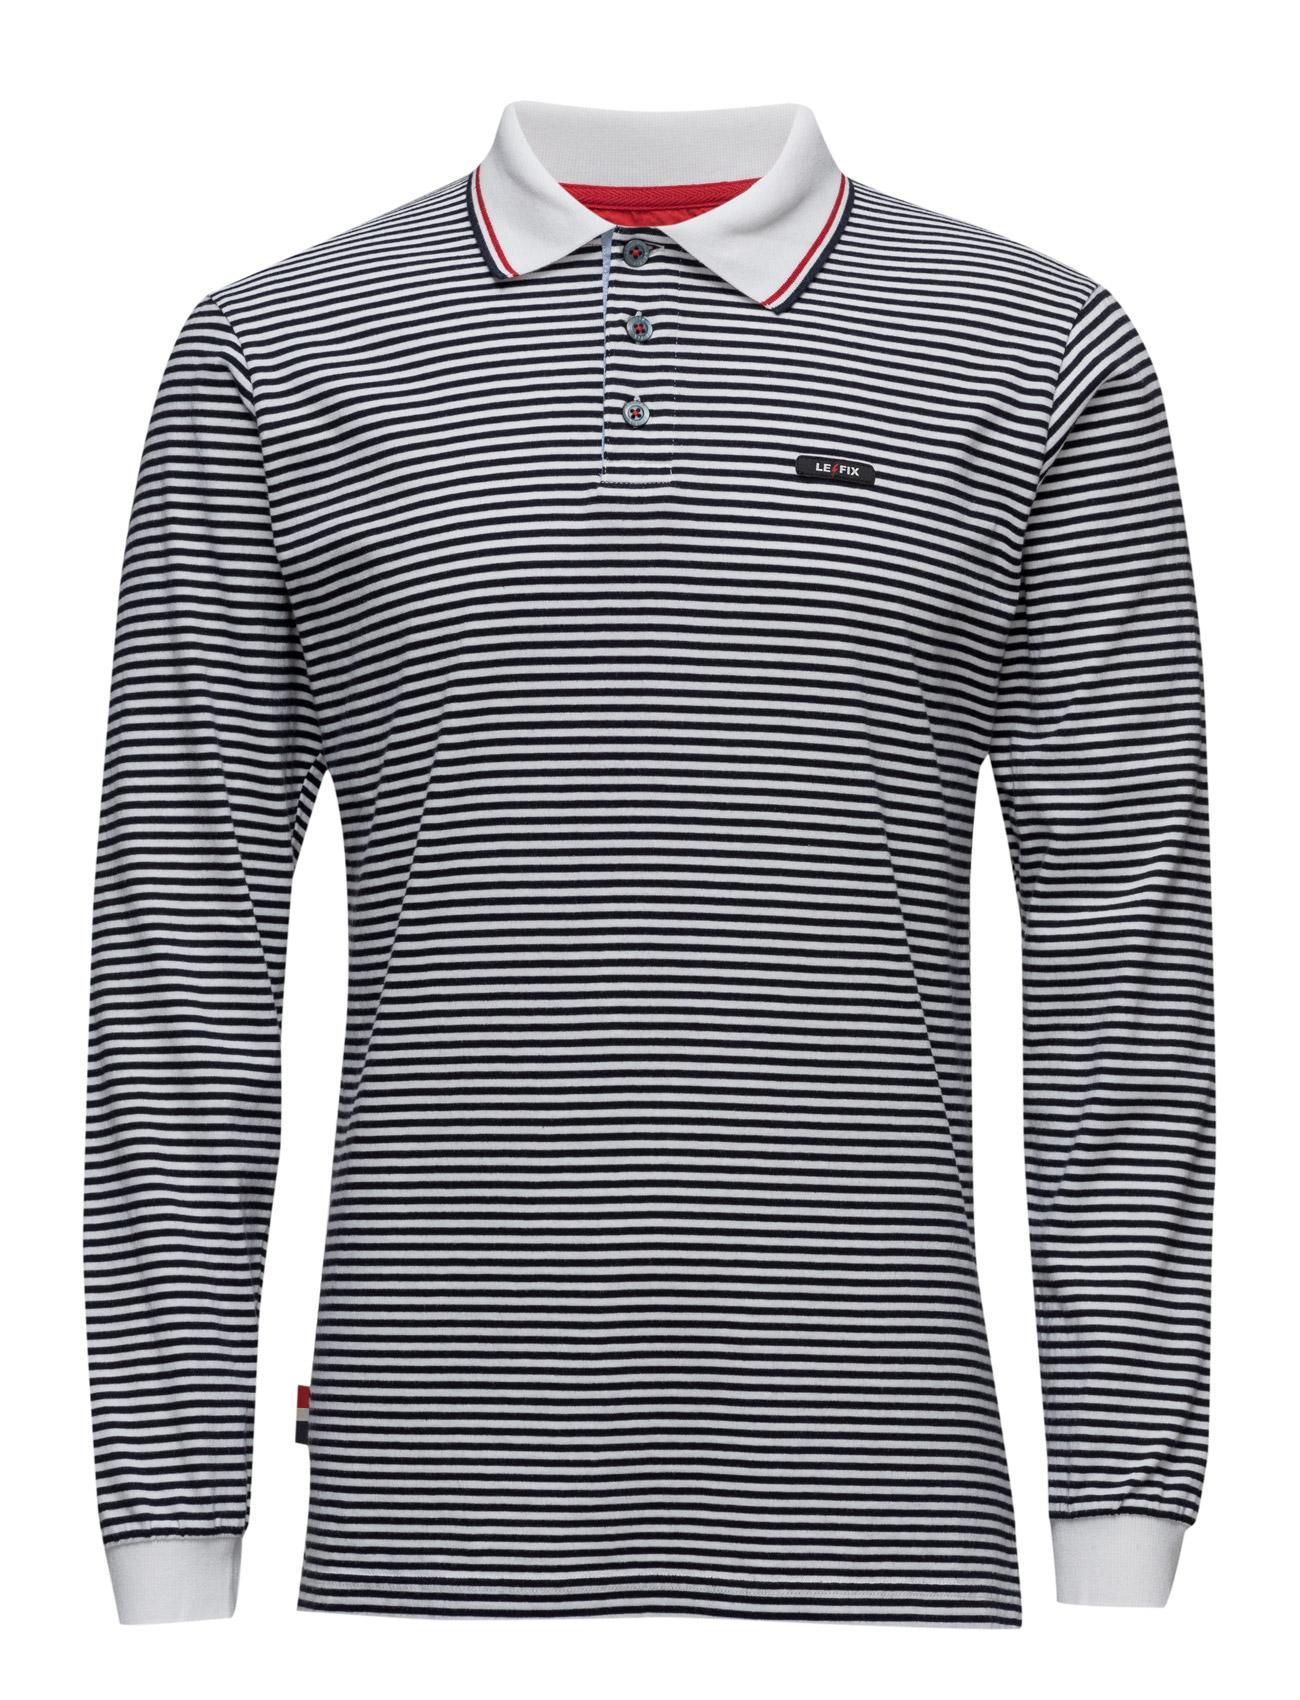 Stripe Sports Polo Ls Le-Fix Længærmede polo t-shirts til Herrer i